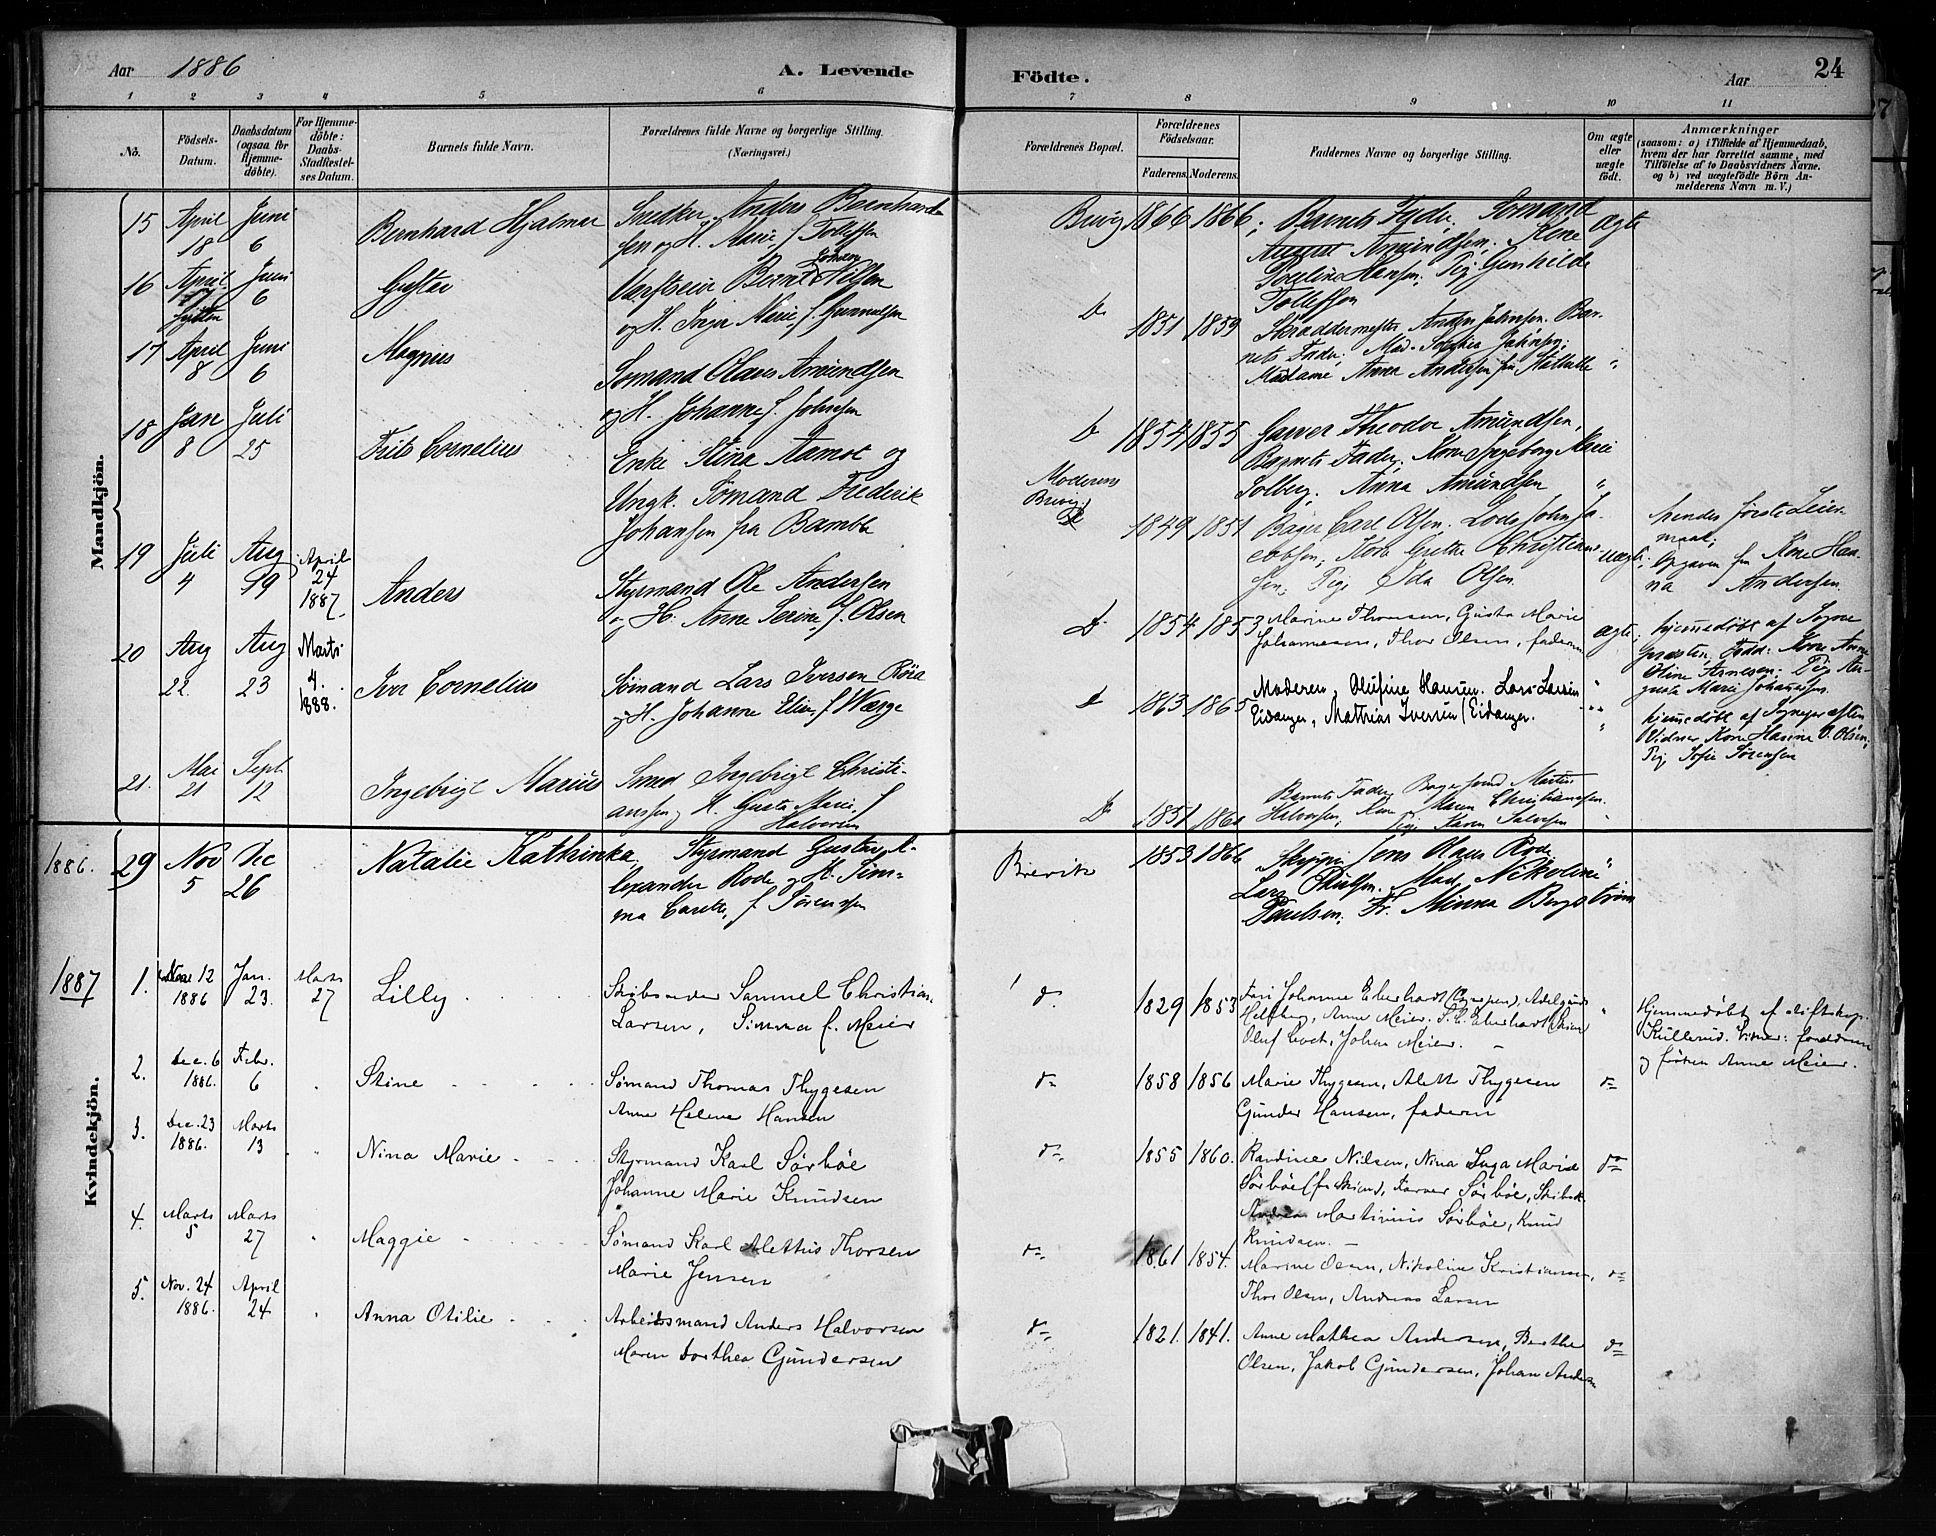 SAKO, Brevik kirkebøker, F/Fa/L0007: Ministerialbok nr. 7, 1882-1900, s. 24